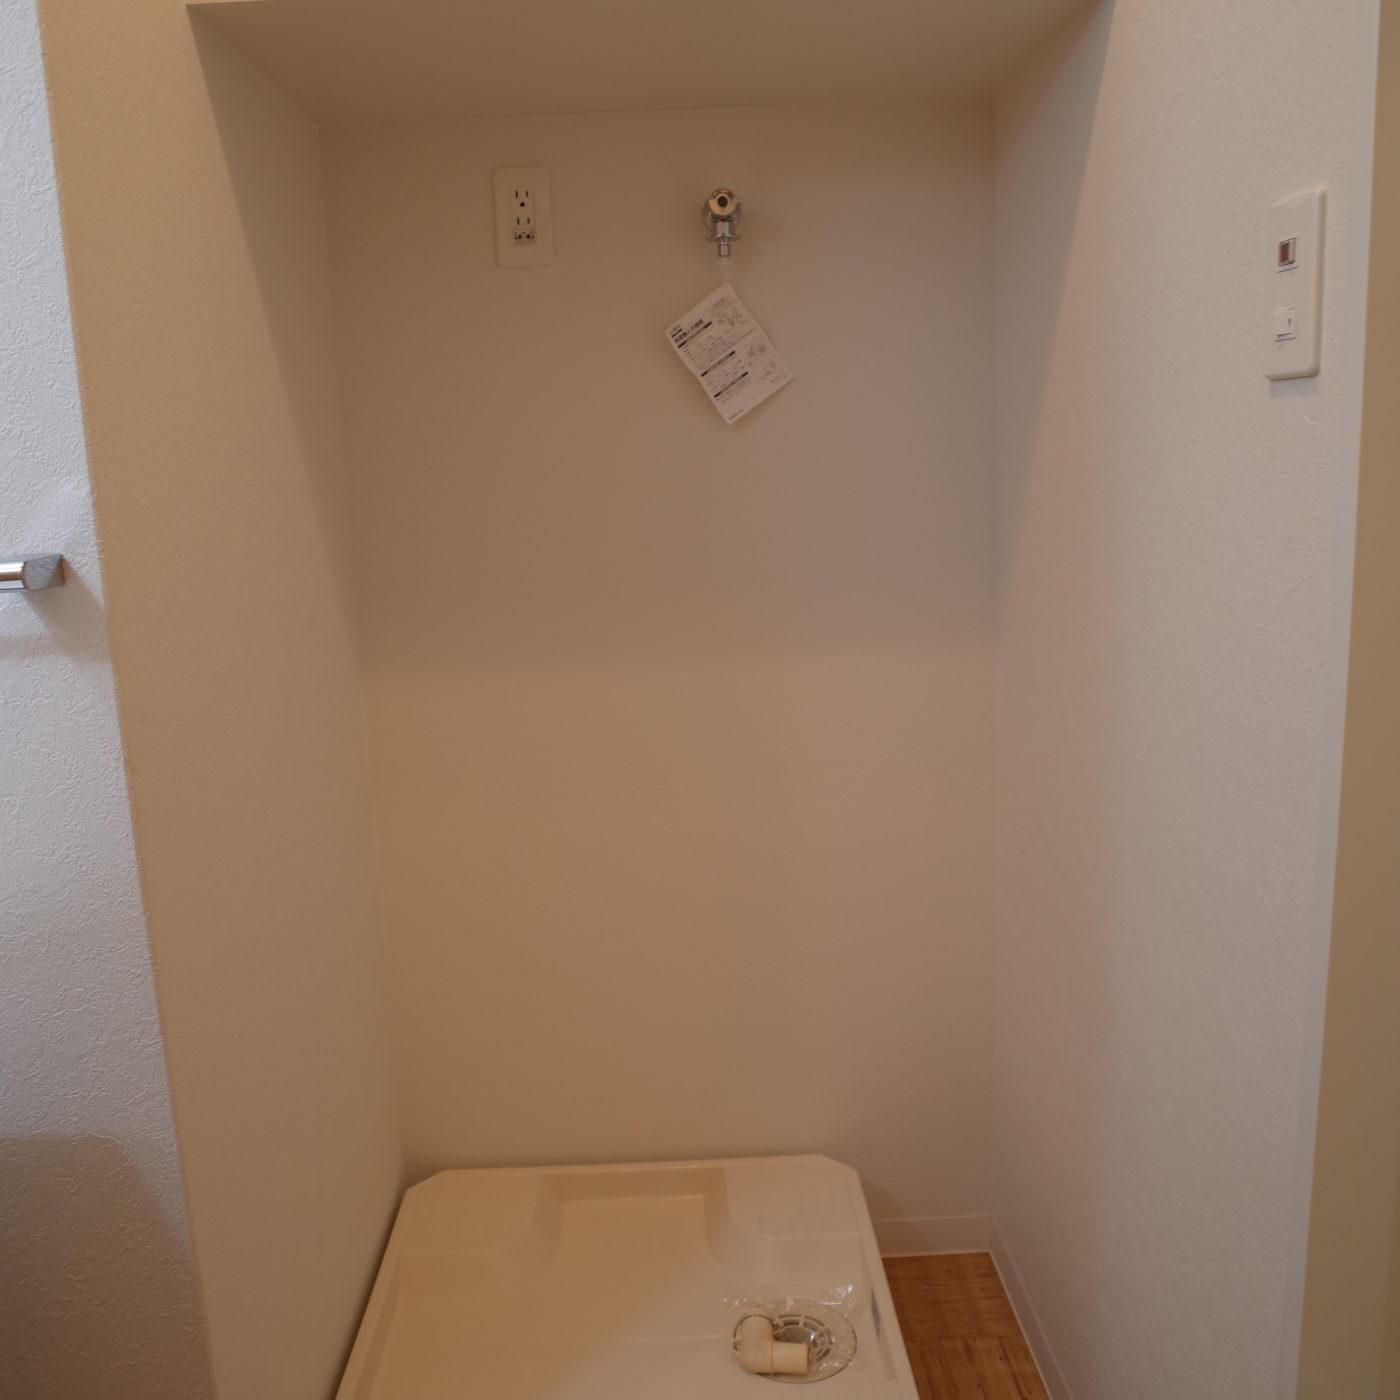 九大 伊都 エターナルハタエ 一人暮らし 洗濯機置き場